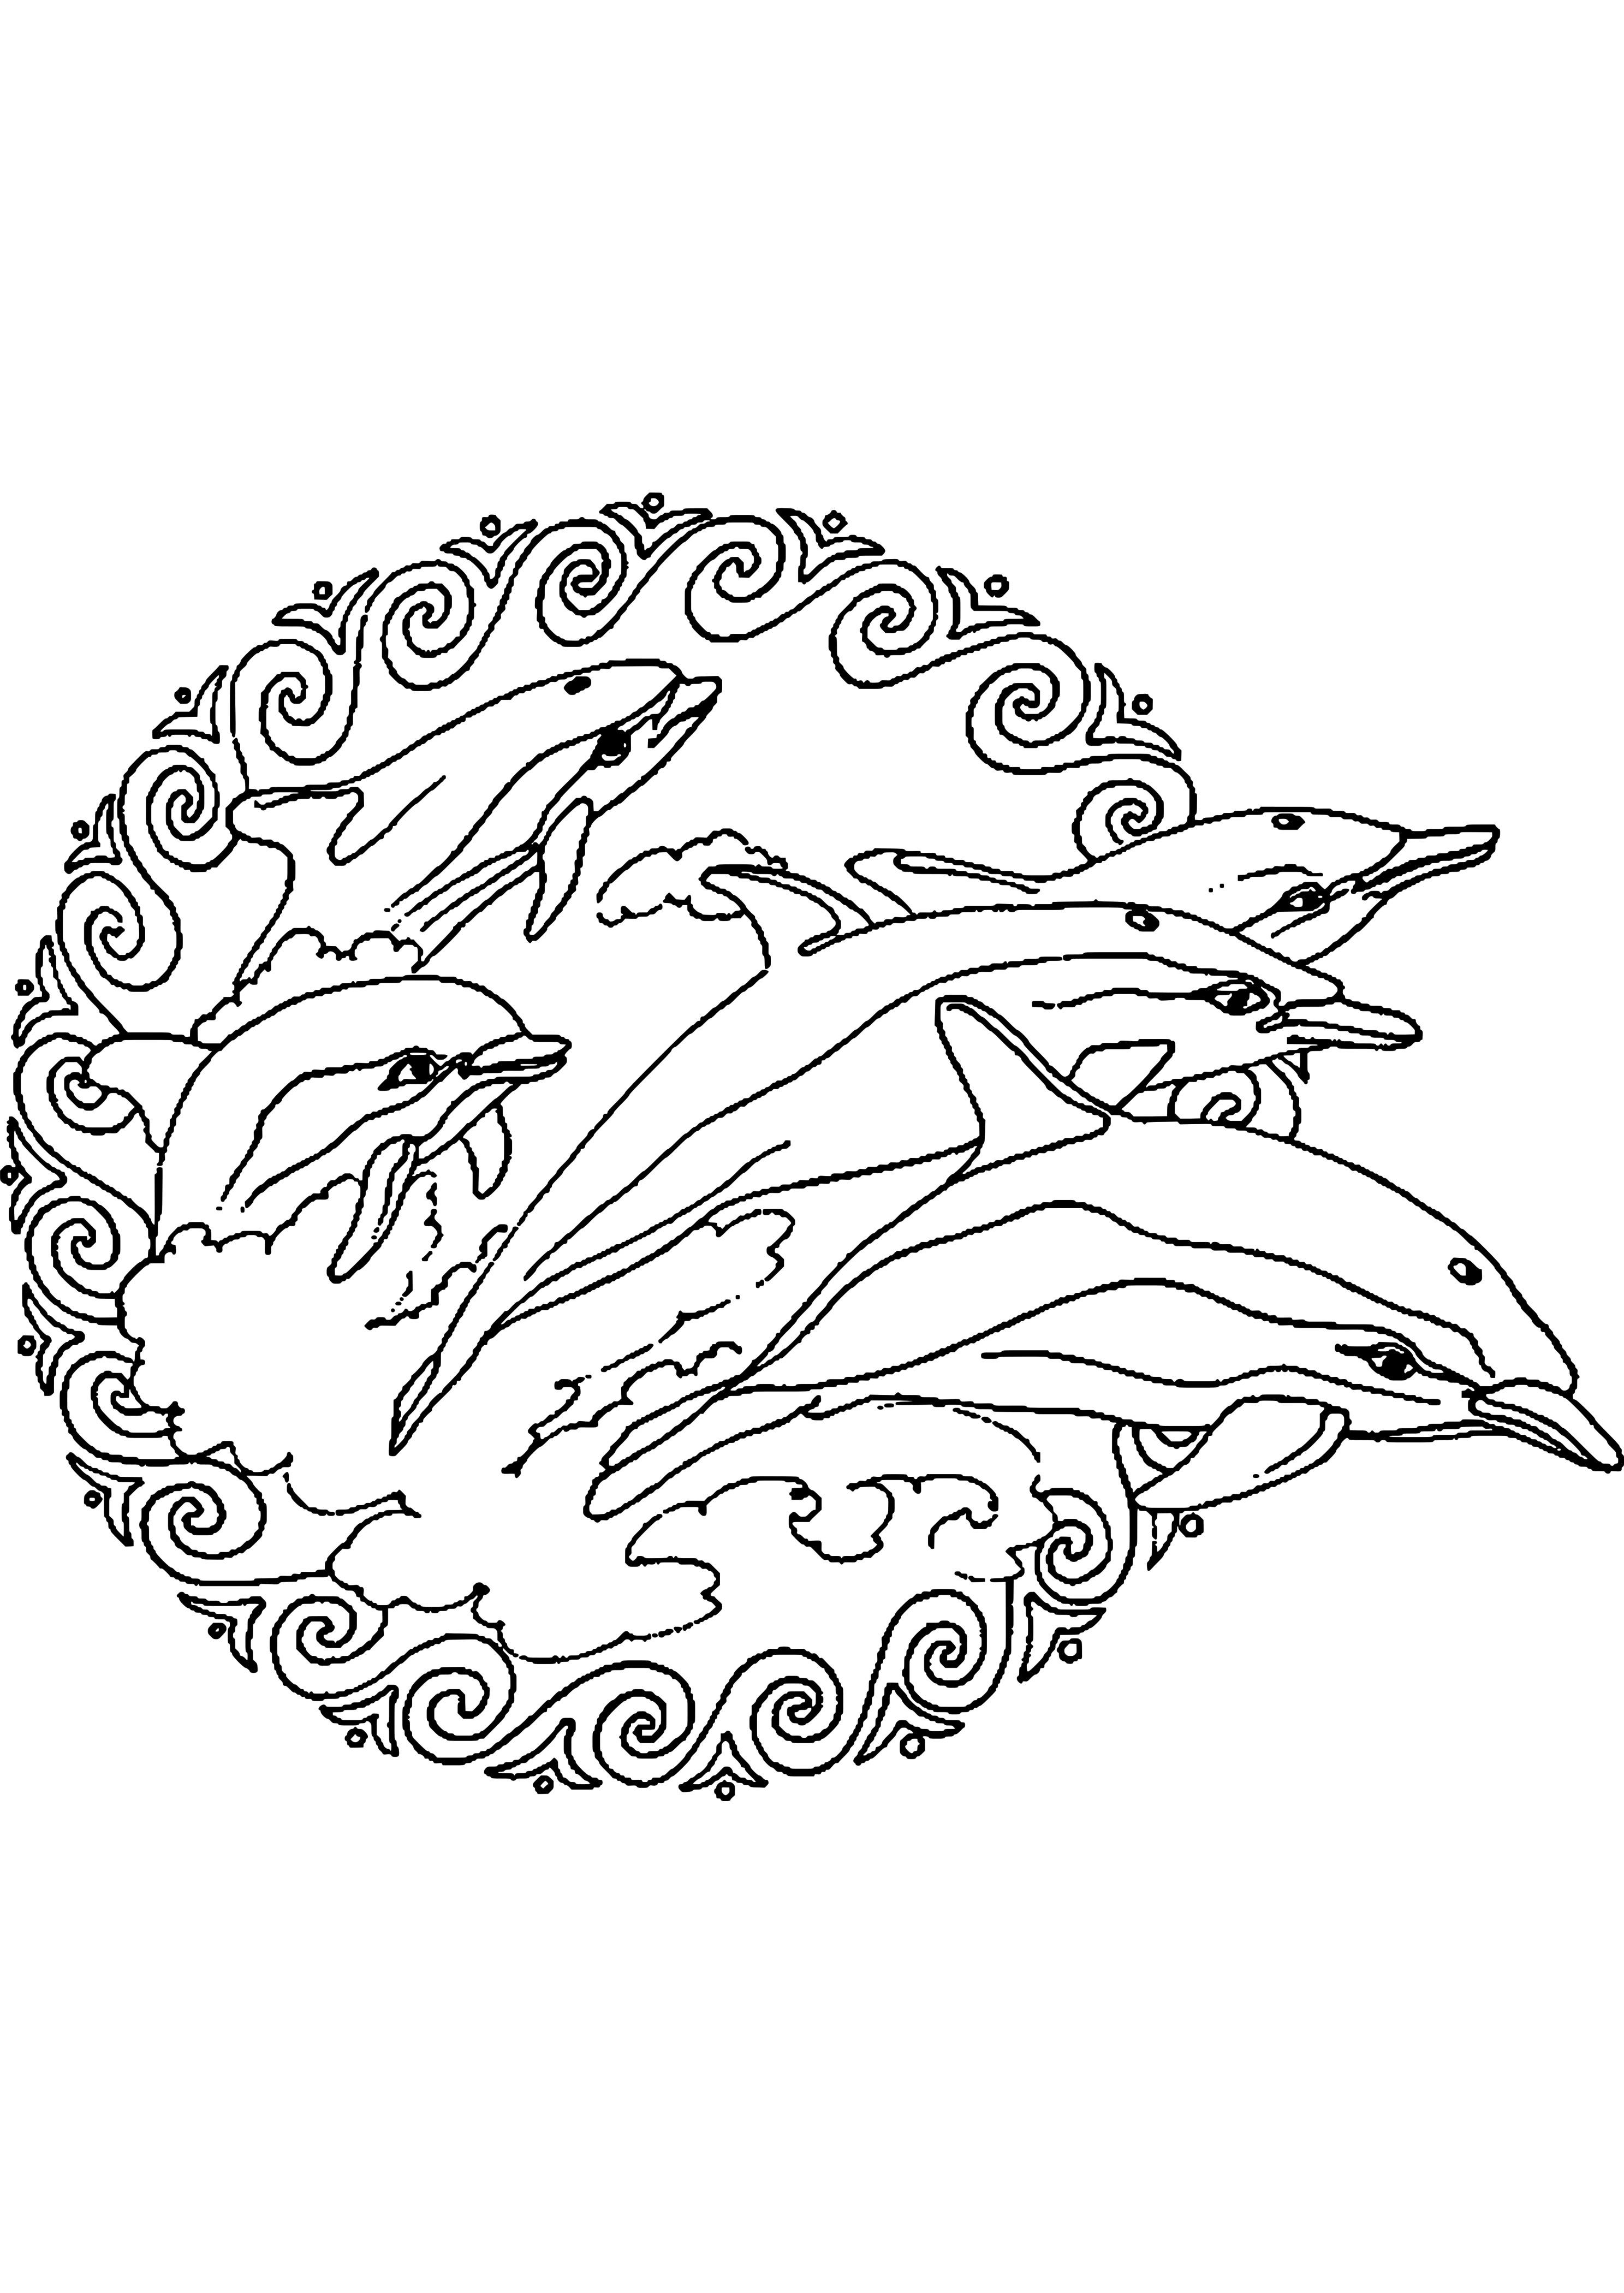 Ausmalbilder H2o Plötzlich Meerjungfrau Inspirierend Malvorlagen Delphin Meerjungfrau Zum Drucken Sammlung